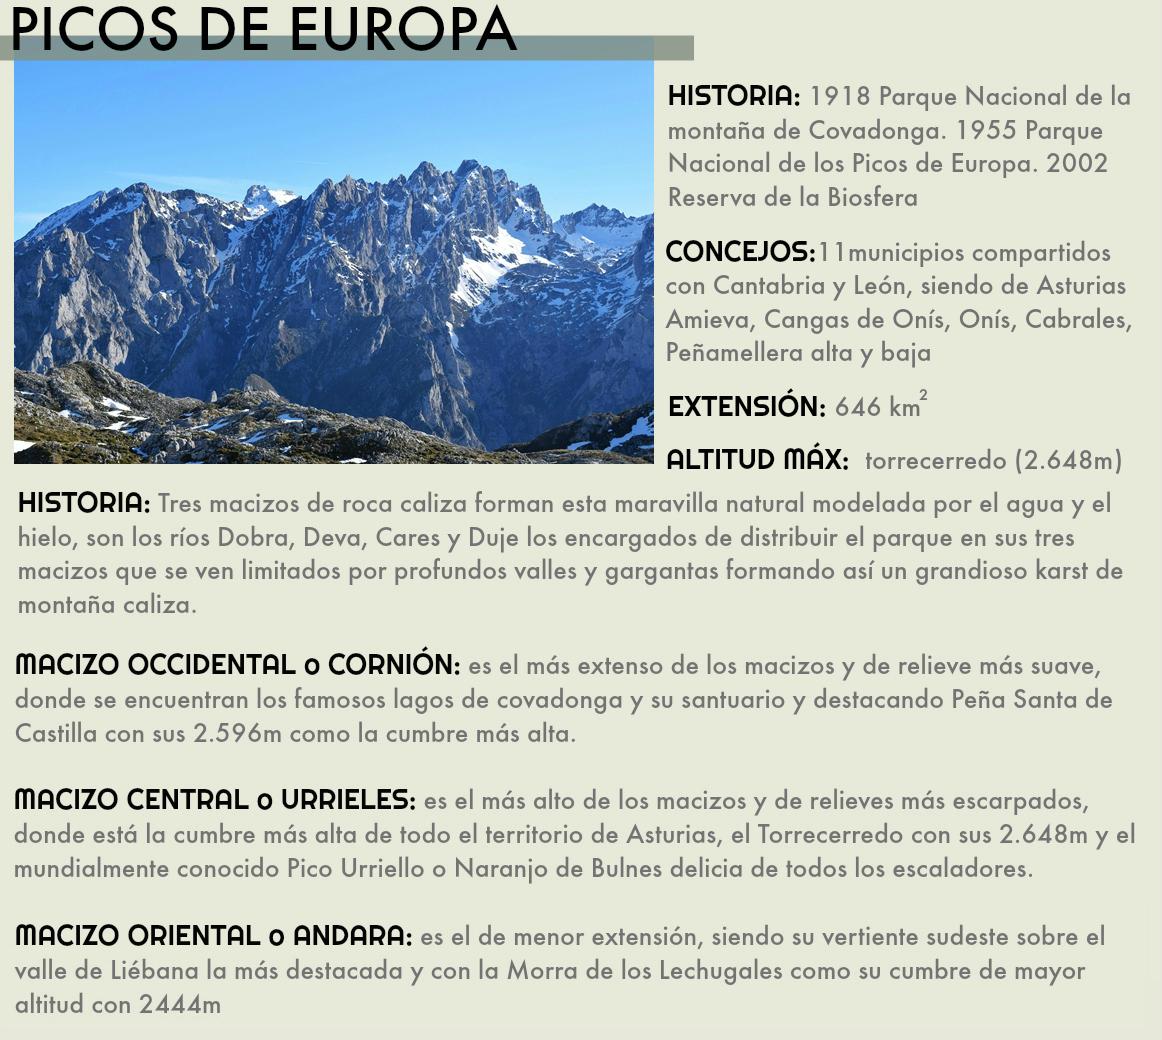 picos de europa reserva de la biosfera